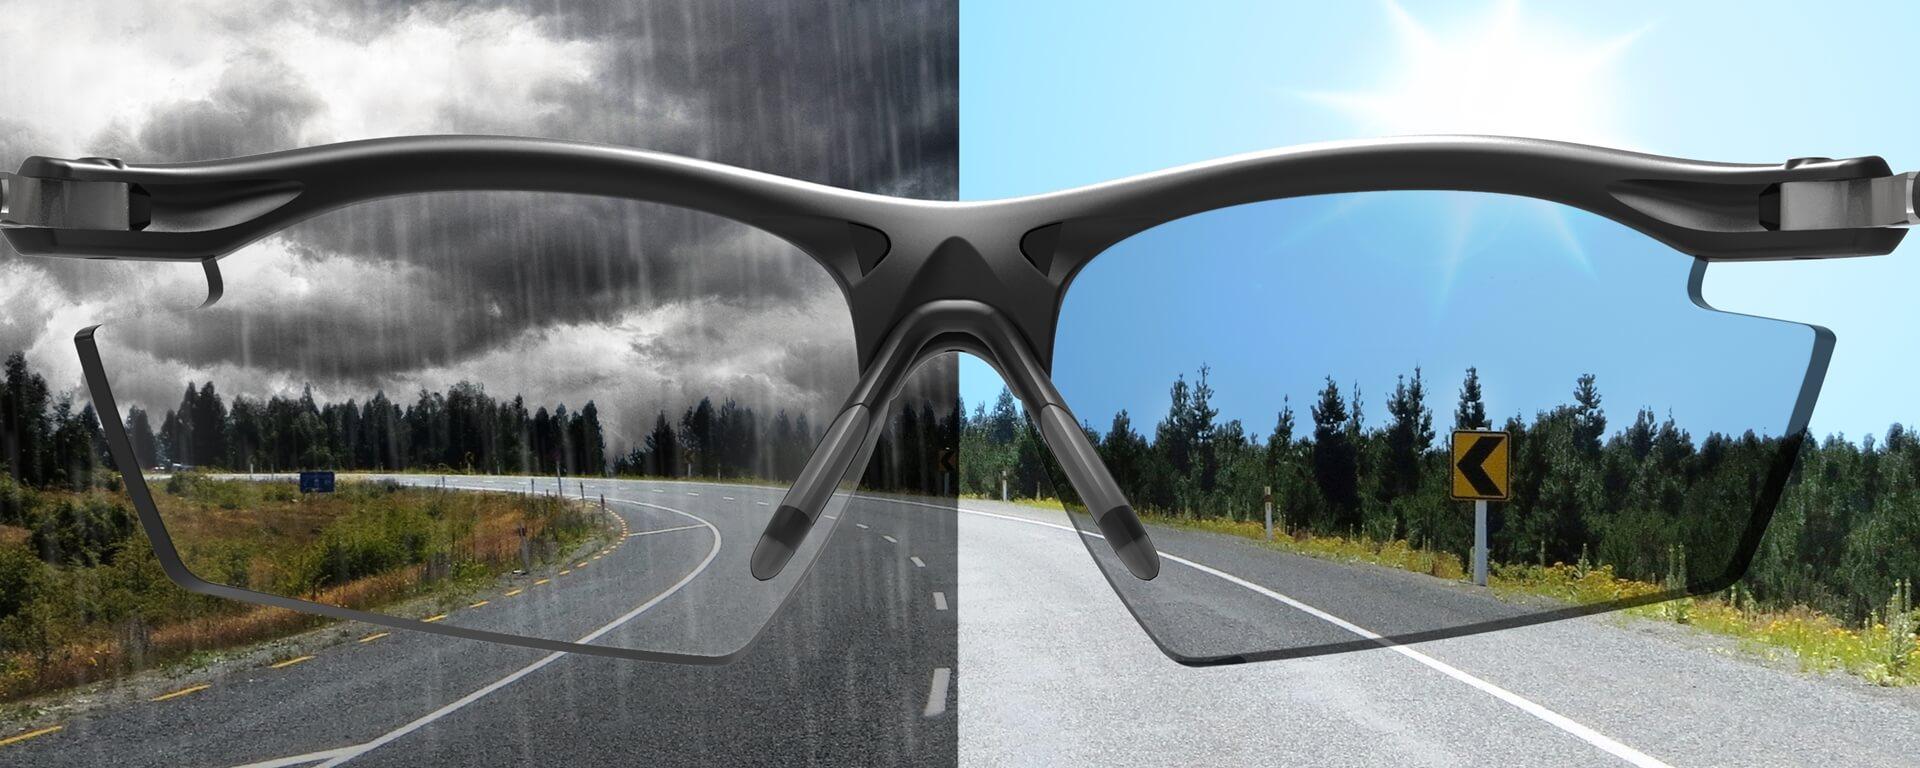 okulary rudy project soczewki dopasowujące się